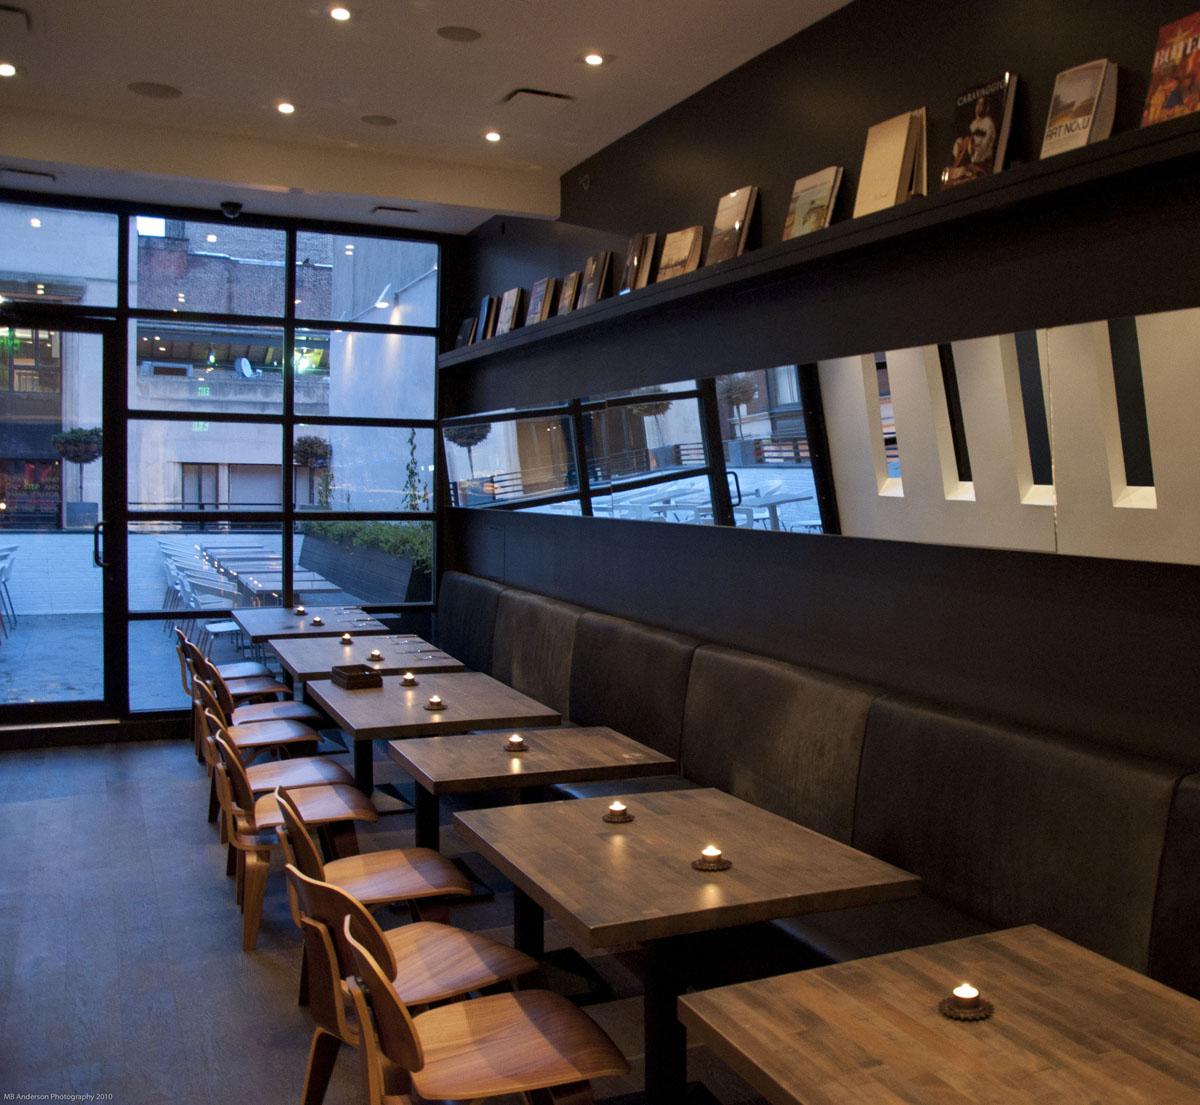 corner interiors-36.jpg